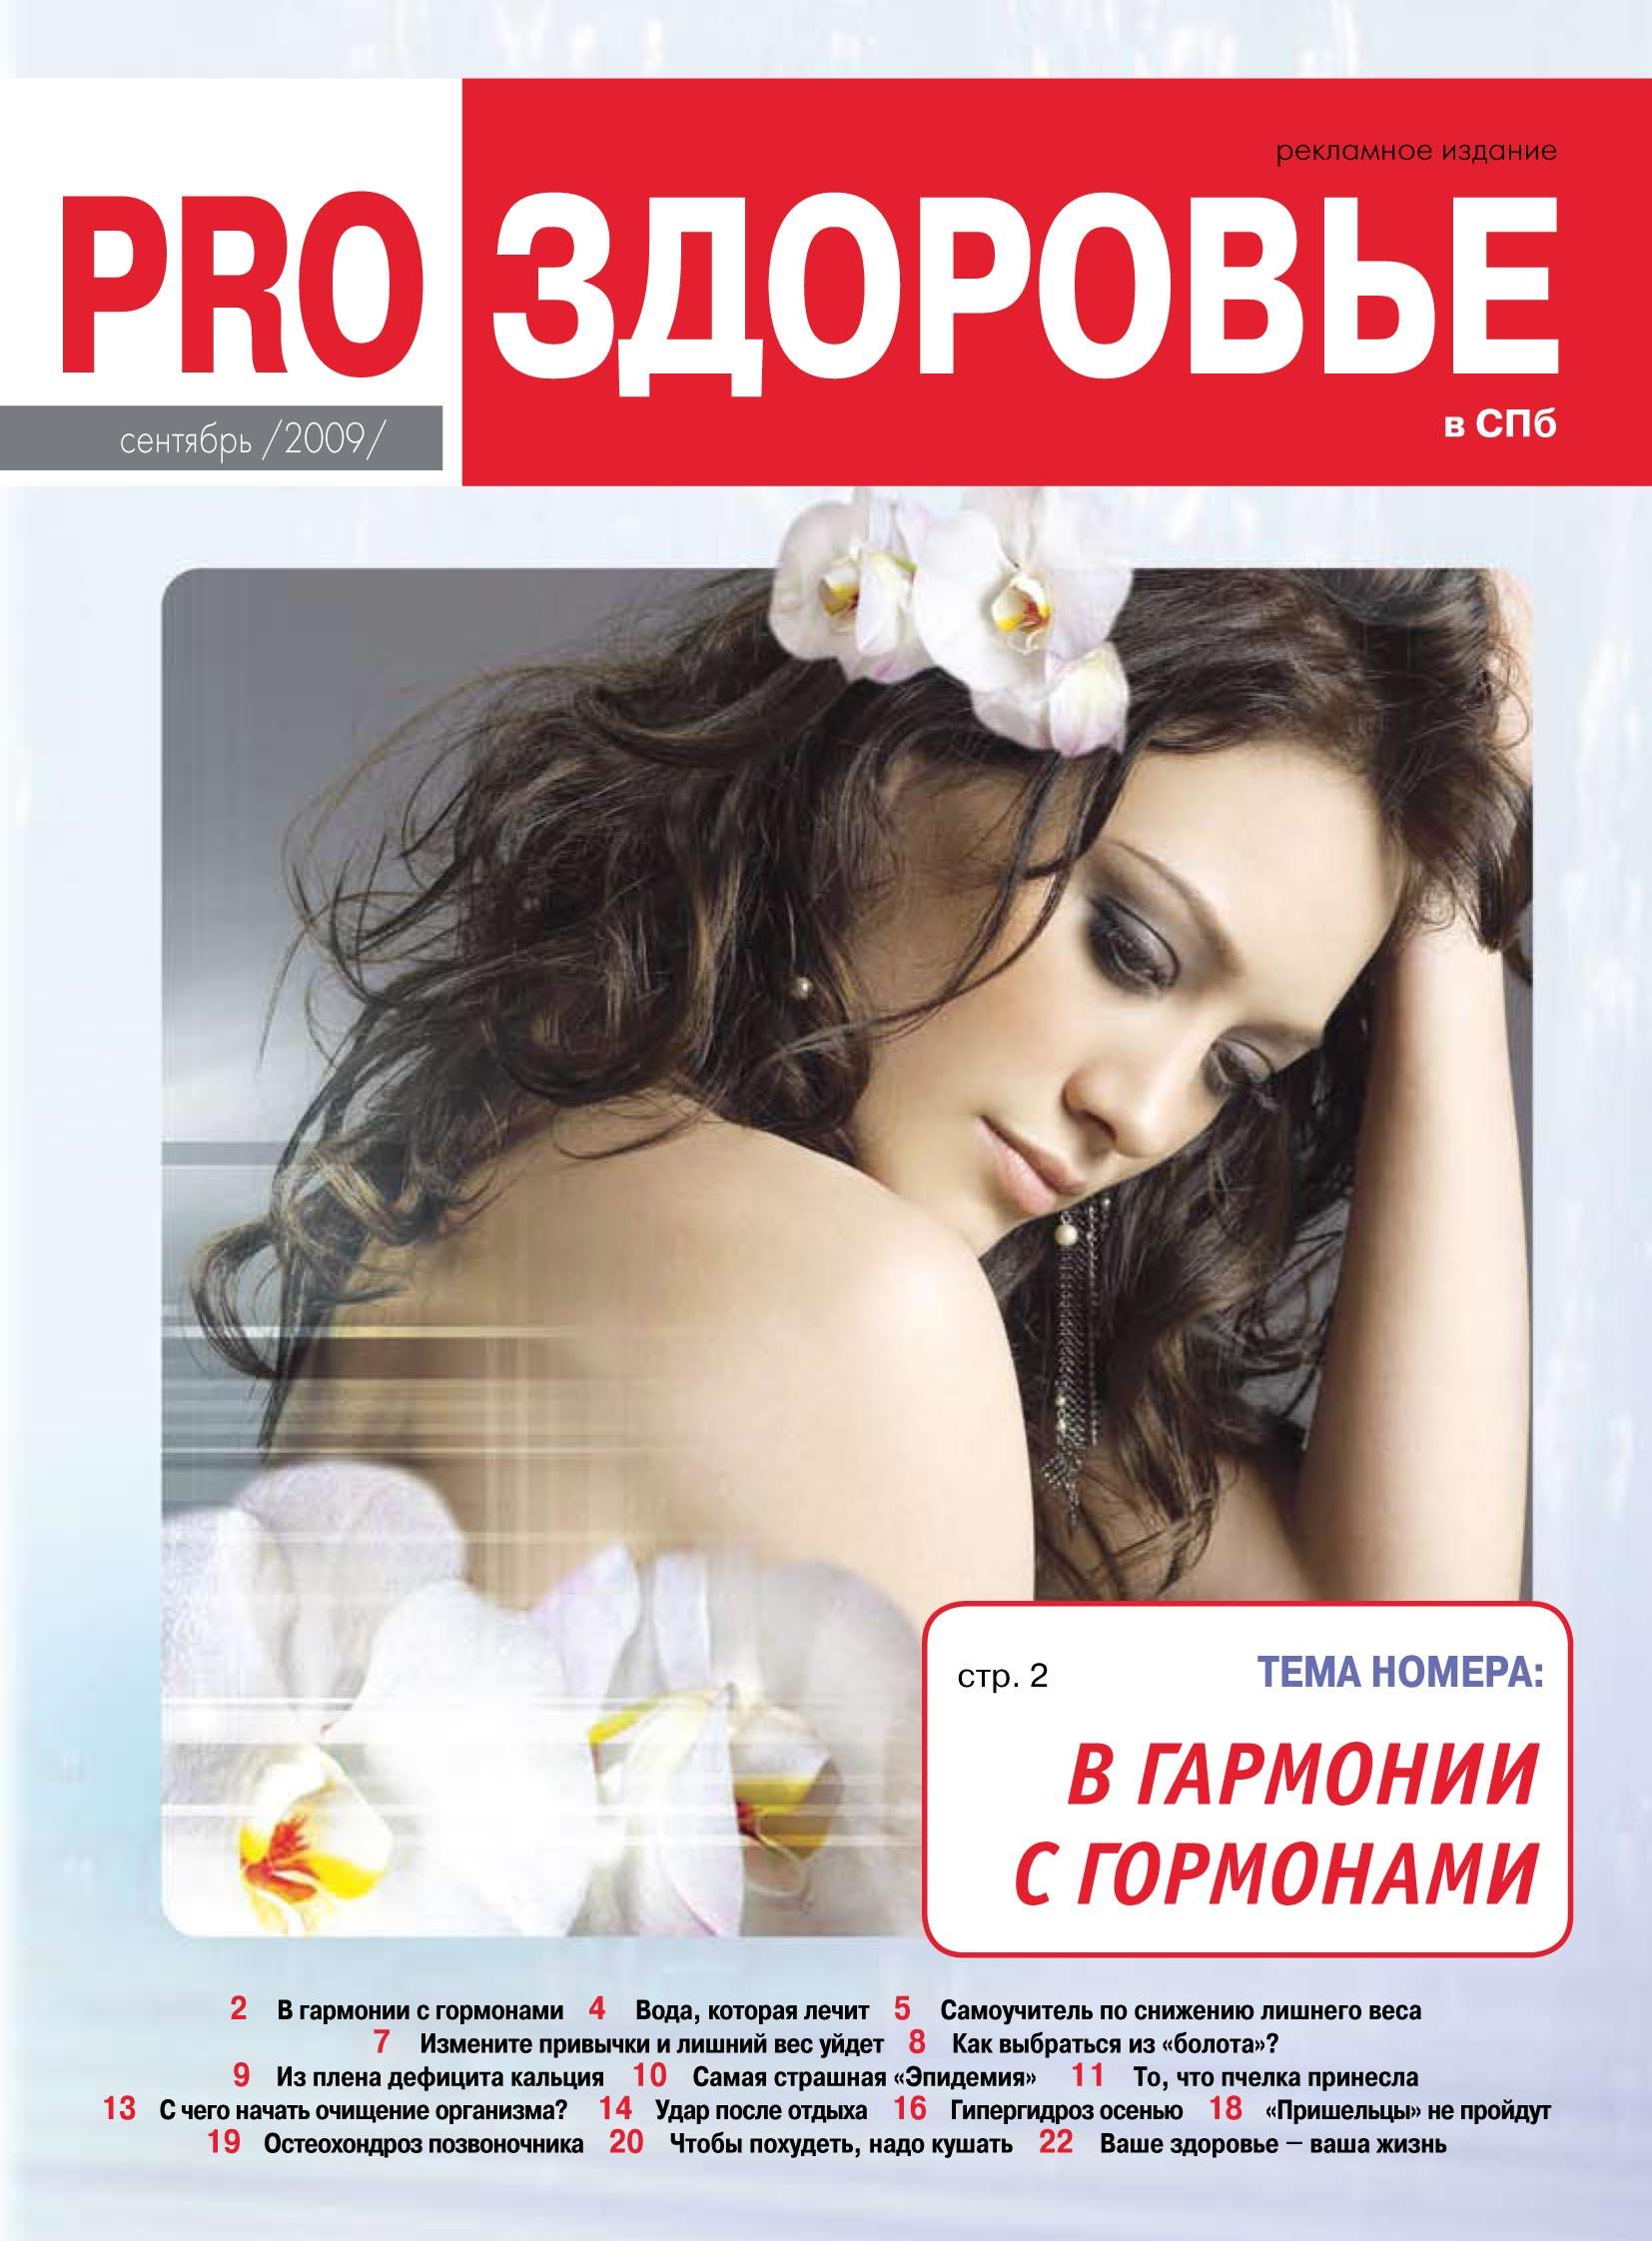 PRO Здоровье в СПб 6_2009.jpg